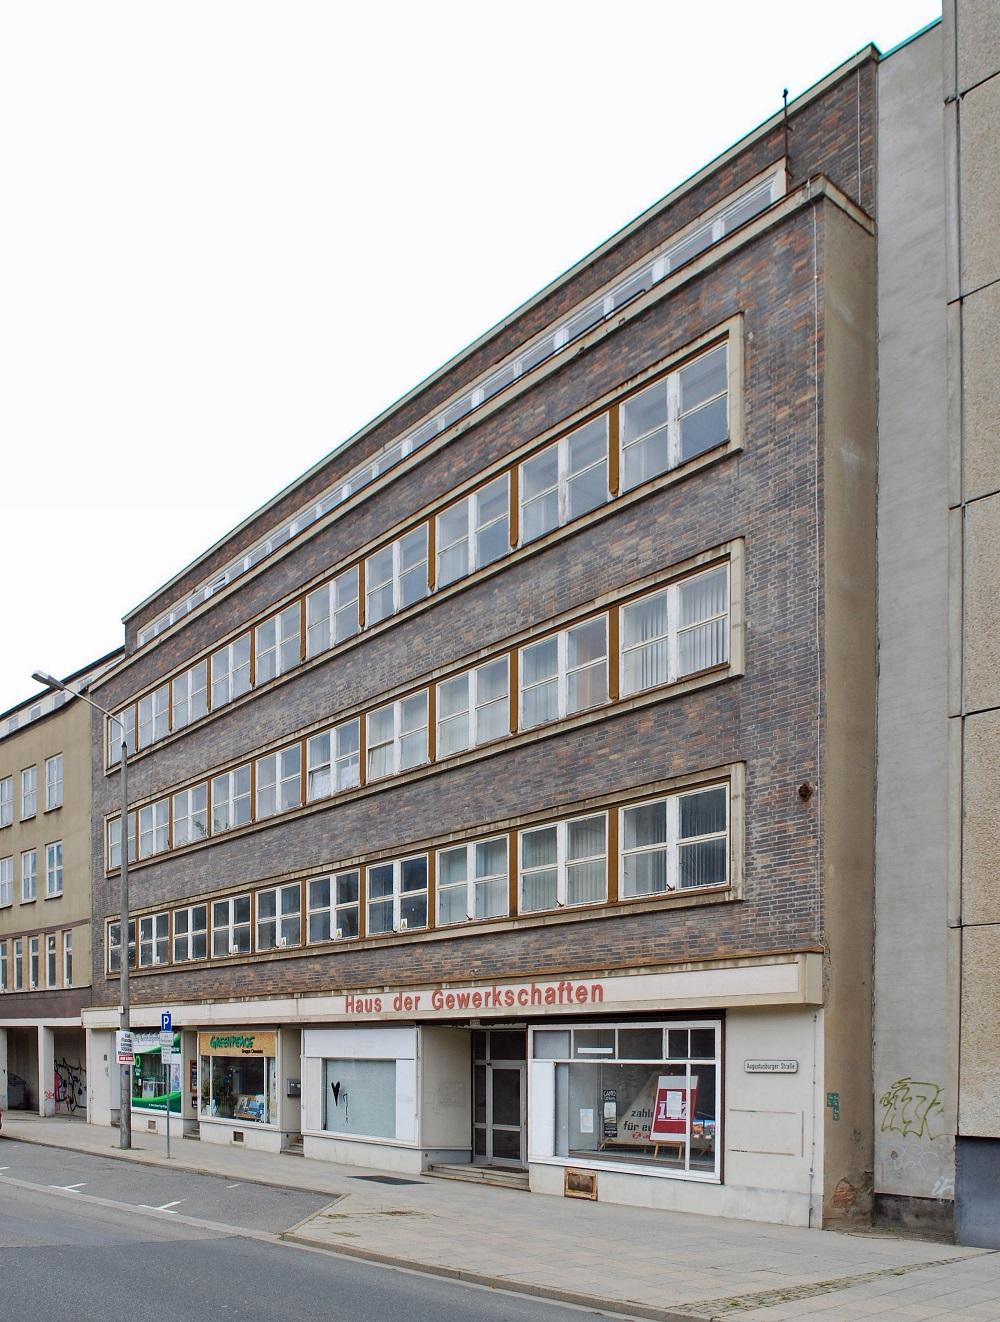 baugeschehen zentrum seite 48 deutsches architektur forum. Black Bedroom Furniture Sets. Home Design Ideas